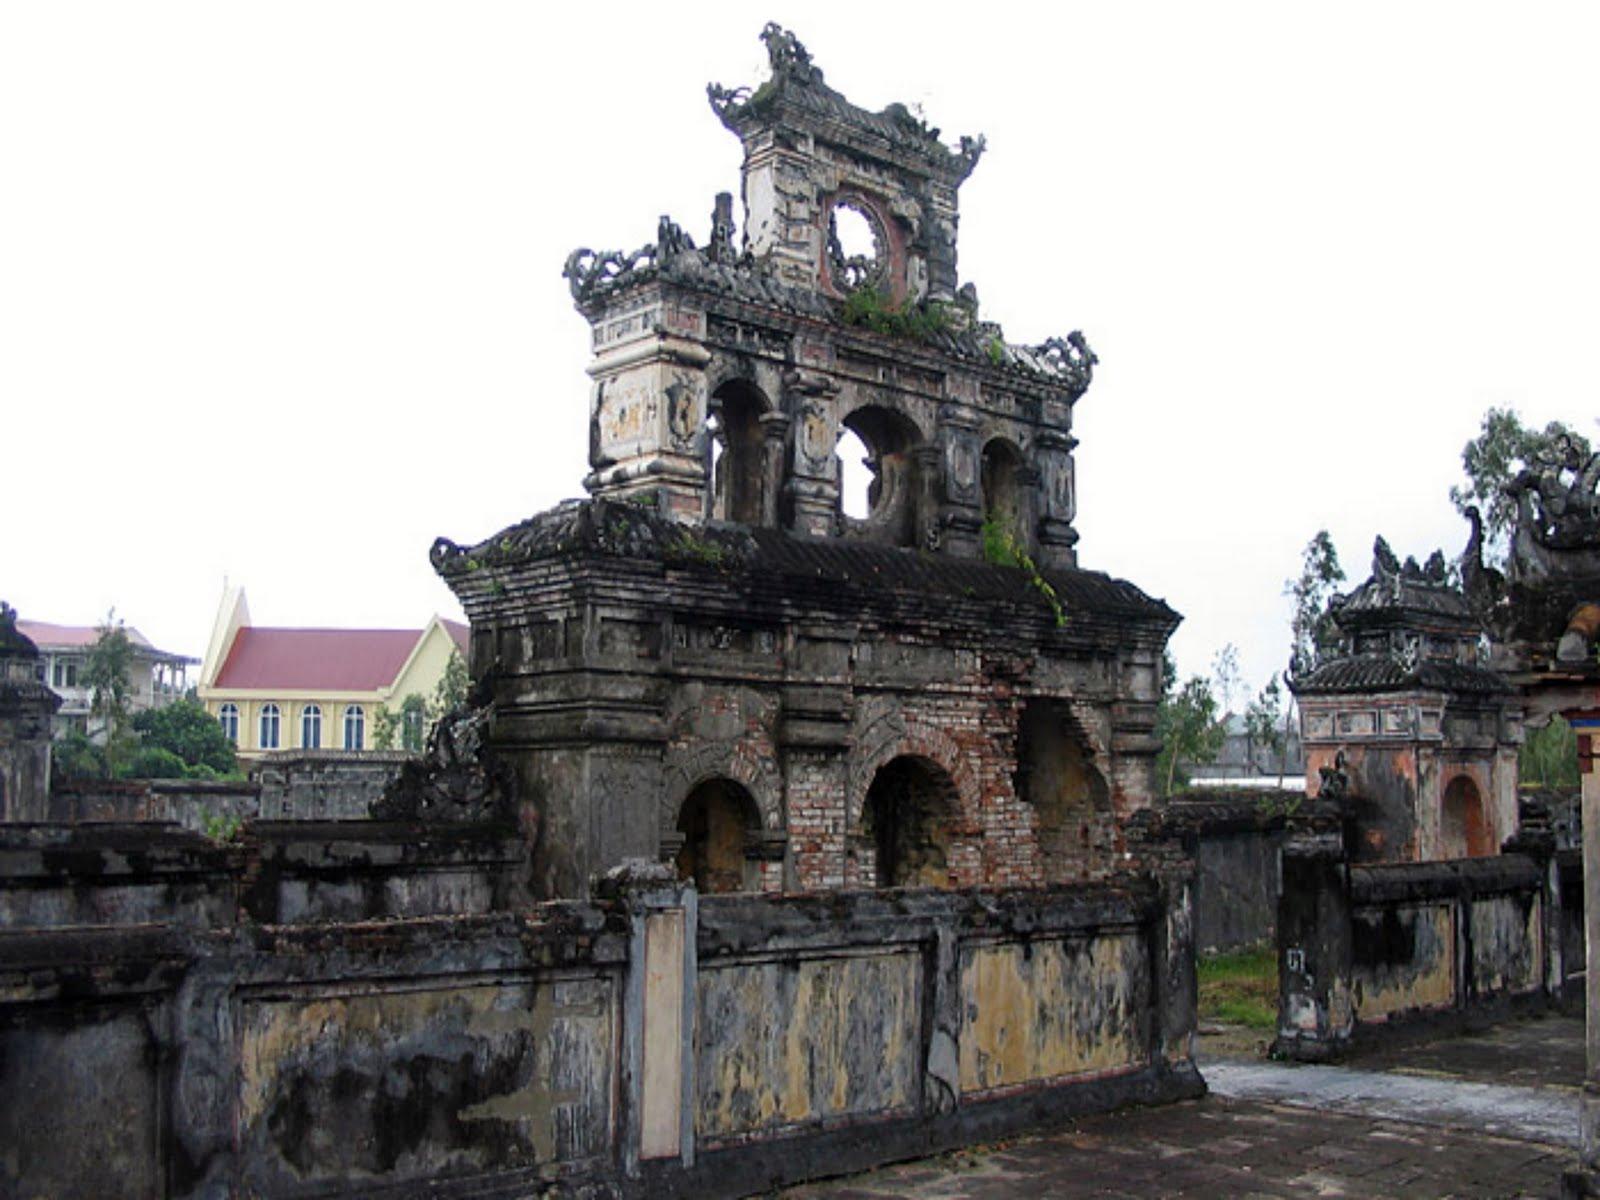 imperial tomb of duc duc hue  vietnam - tomb of emperor duc duc hue (vietnam)